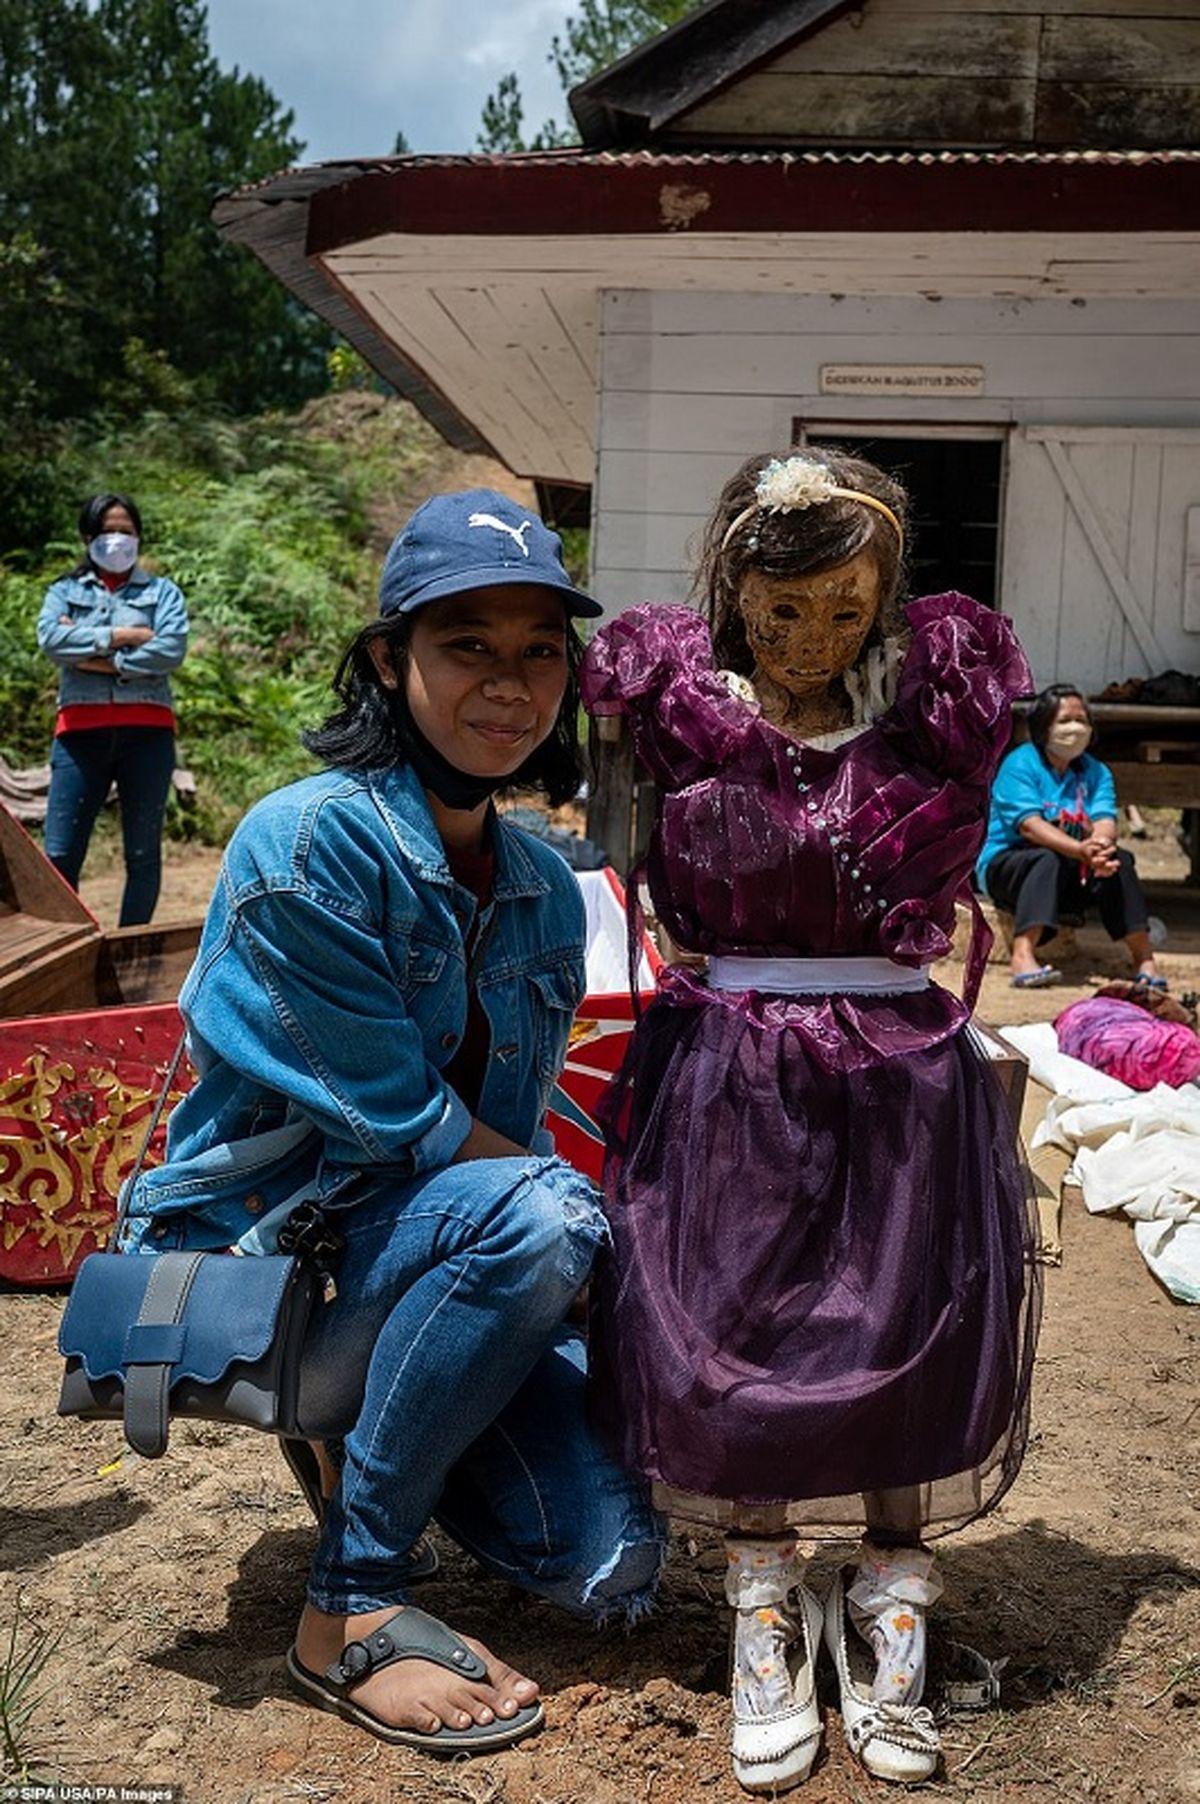 جشن مردگان در اندونزی | تصاویر 18+